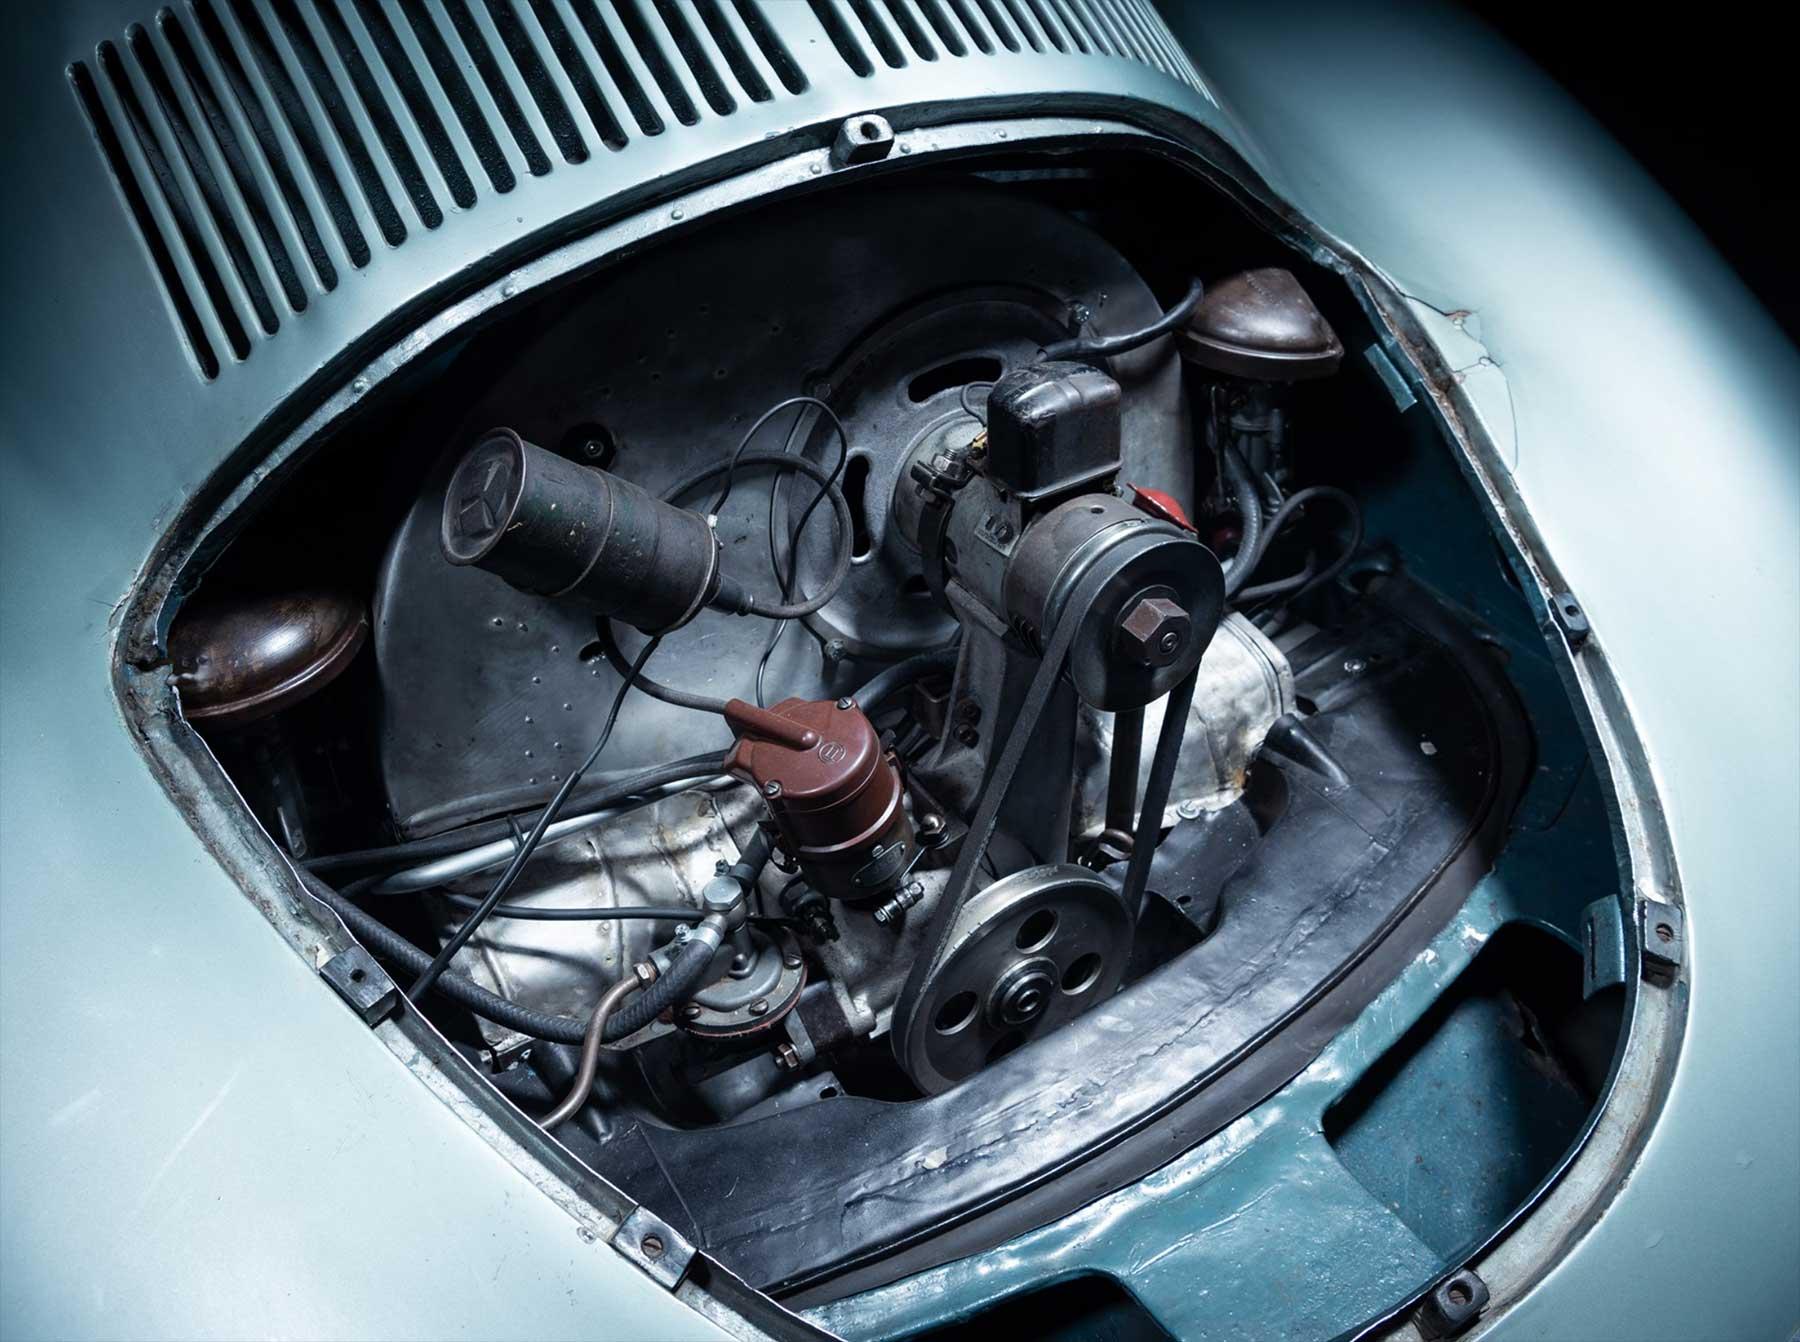 Der älteste und teuerste Porsche der Welt 1939-Porsche-Type-64-sothebys_03